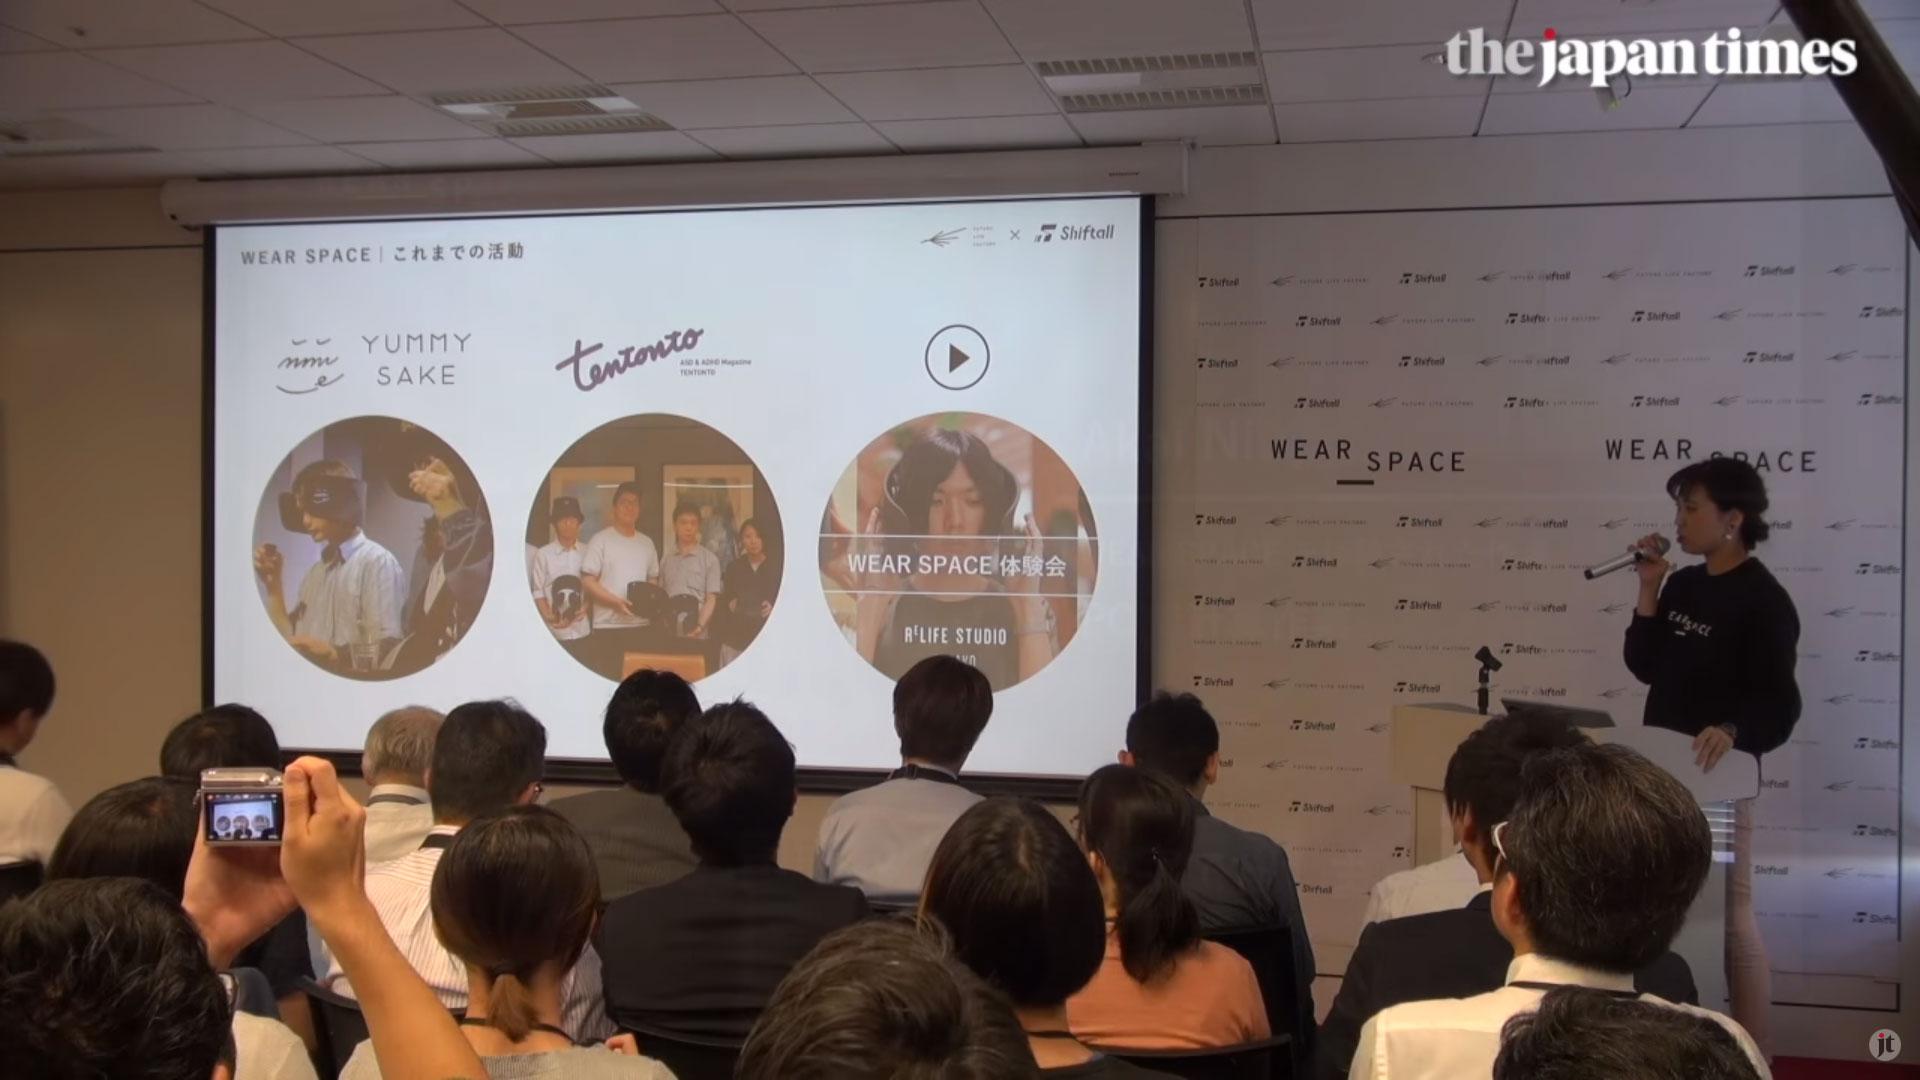 TheJapanTimesWearSpaceTentonto1